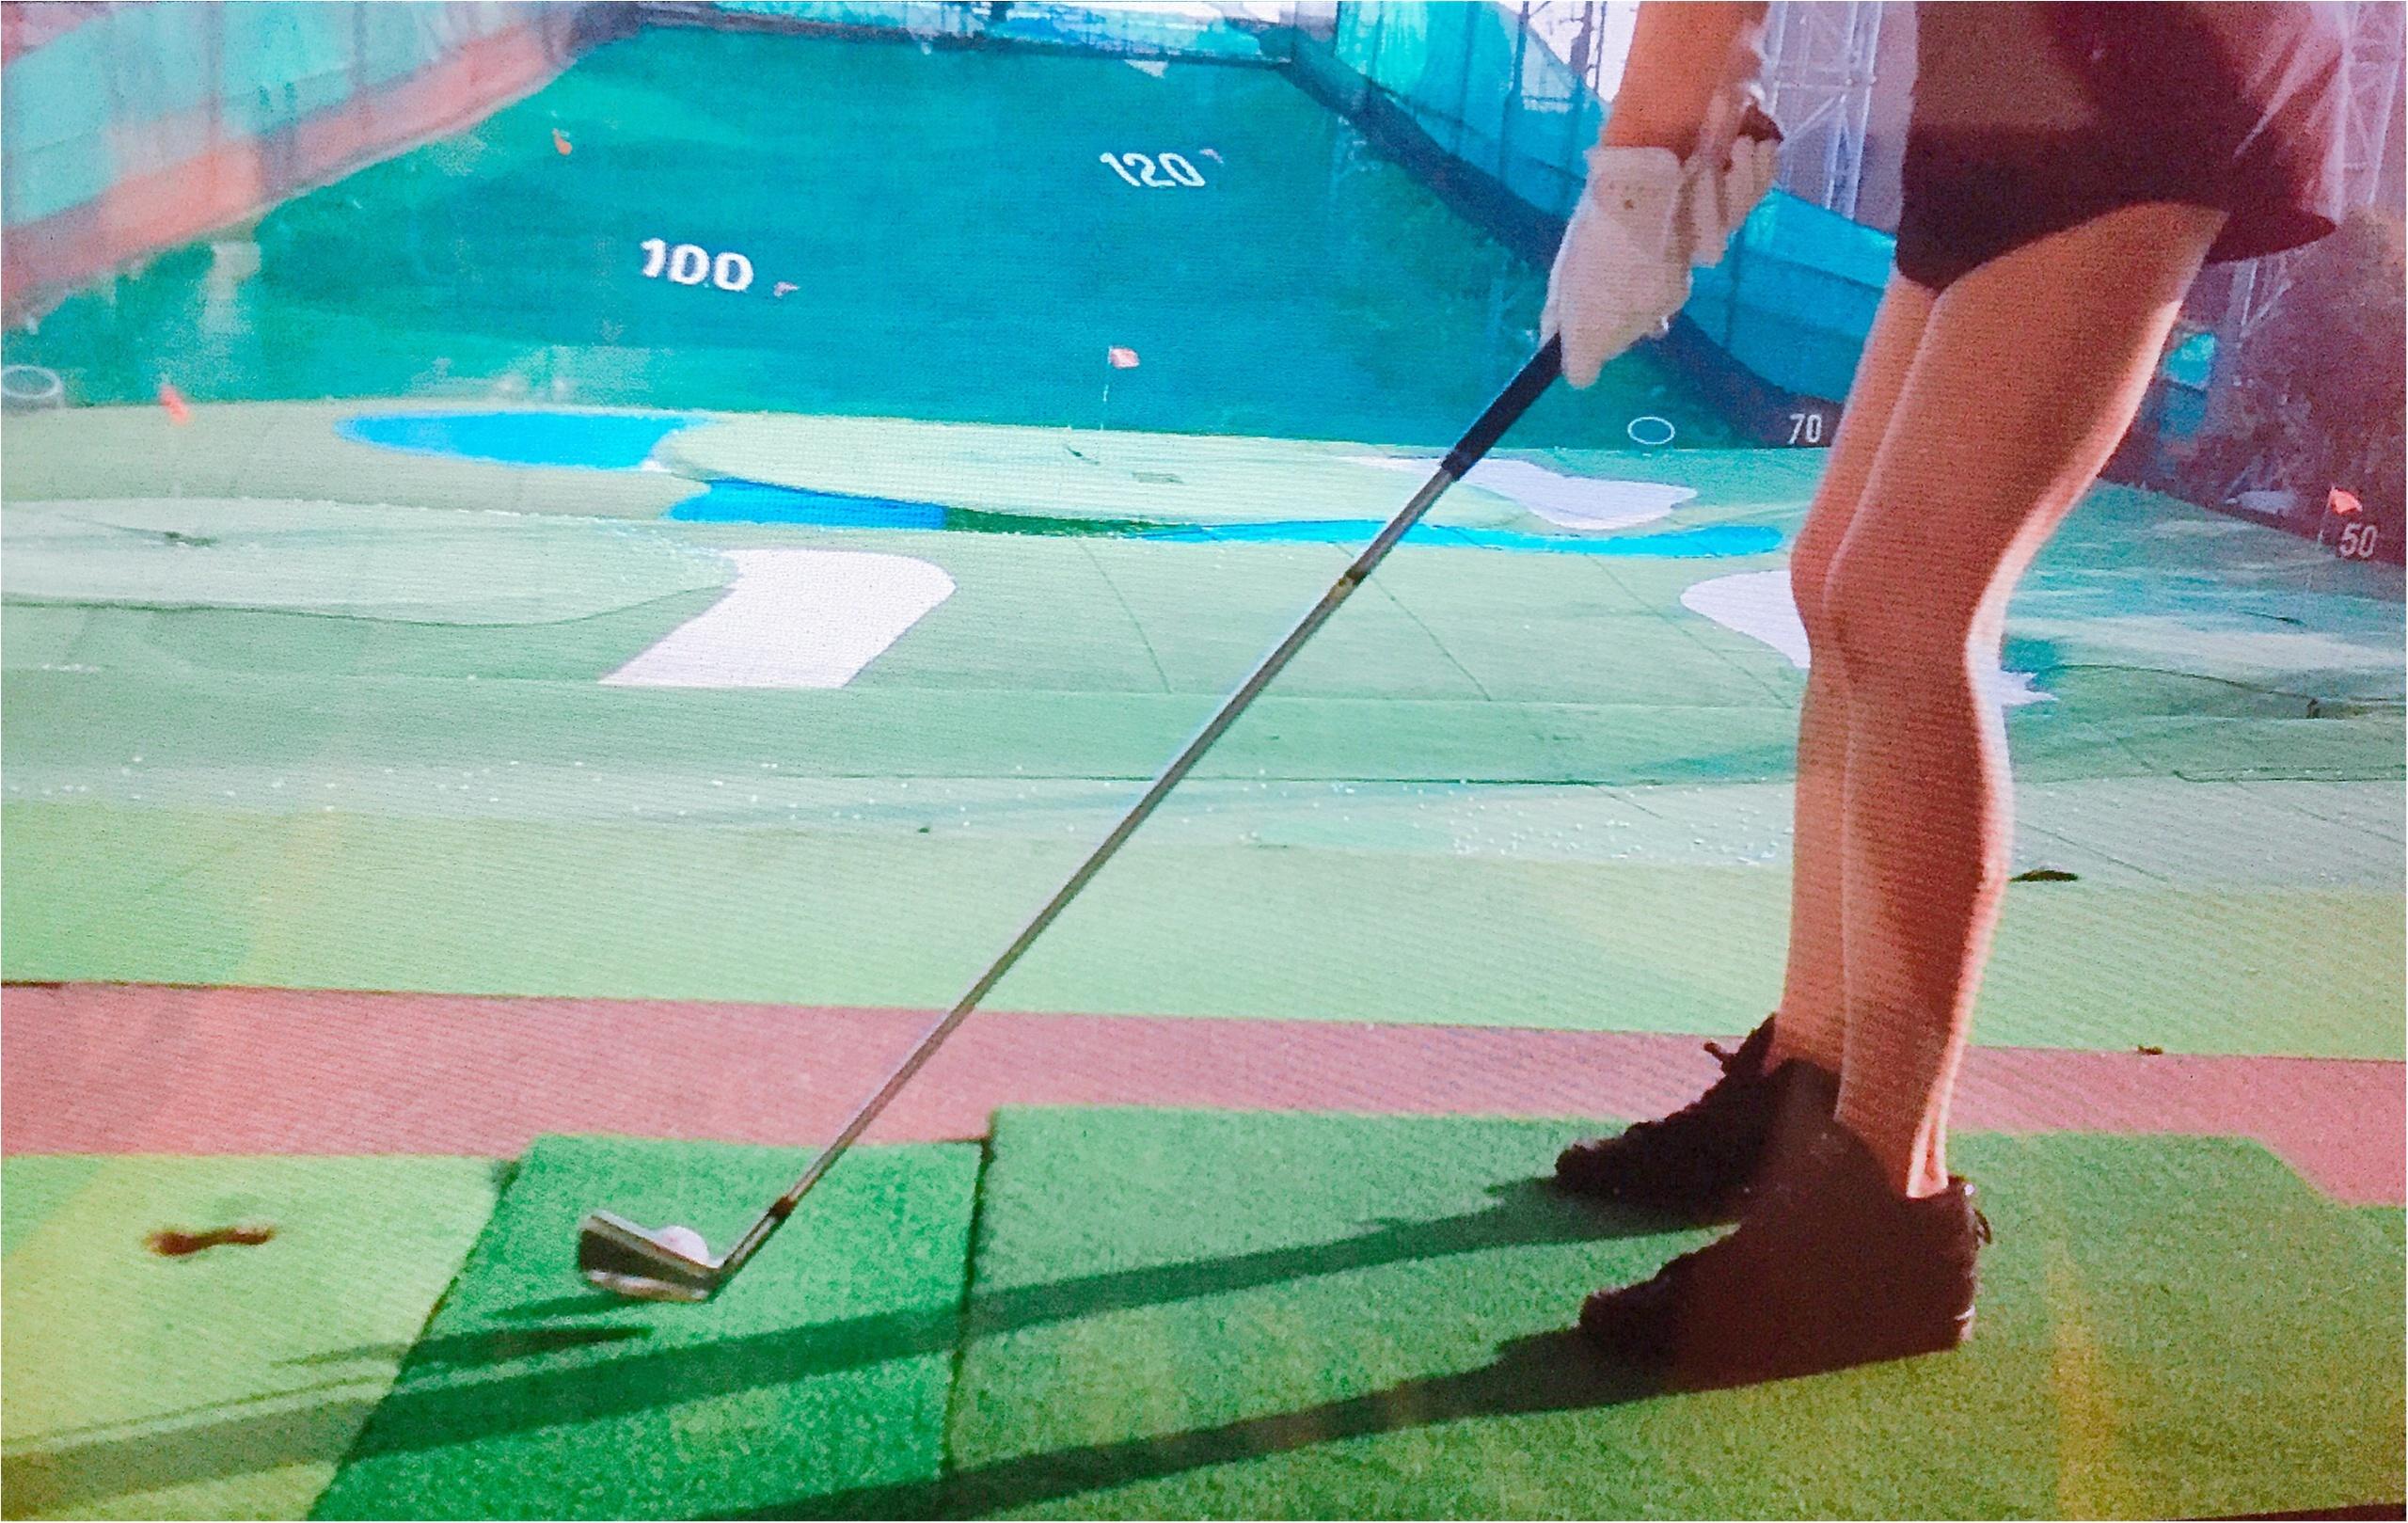 ぼっち練習デビゥ【運動オンチだけど私もみんなとゴルフやりたい】_2